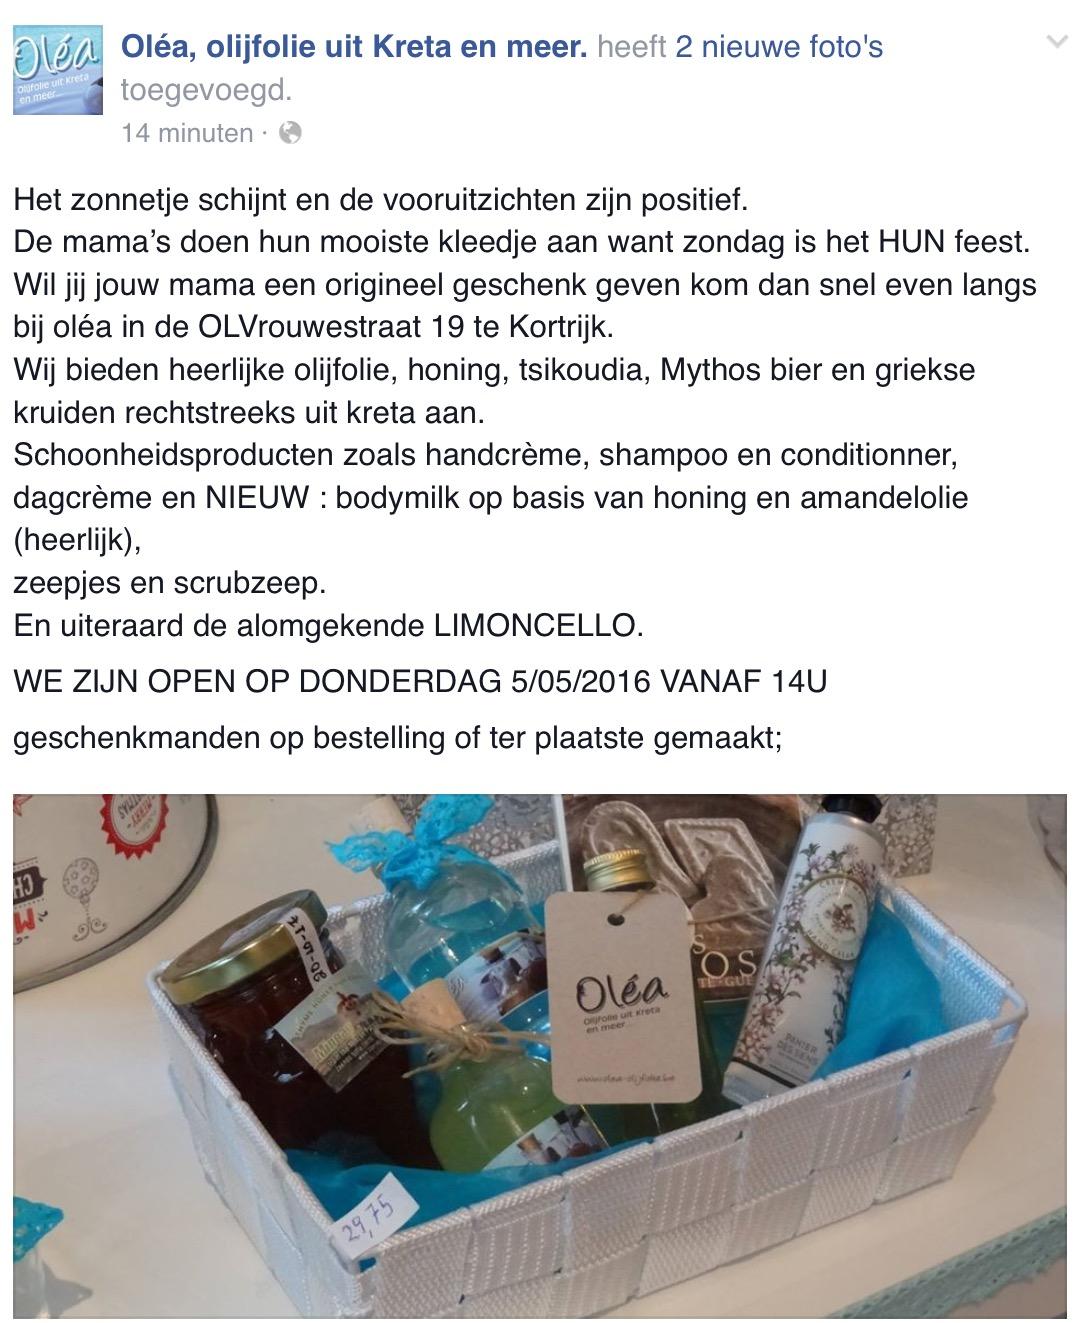 Olijfcare Olea Kortrijk